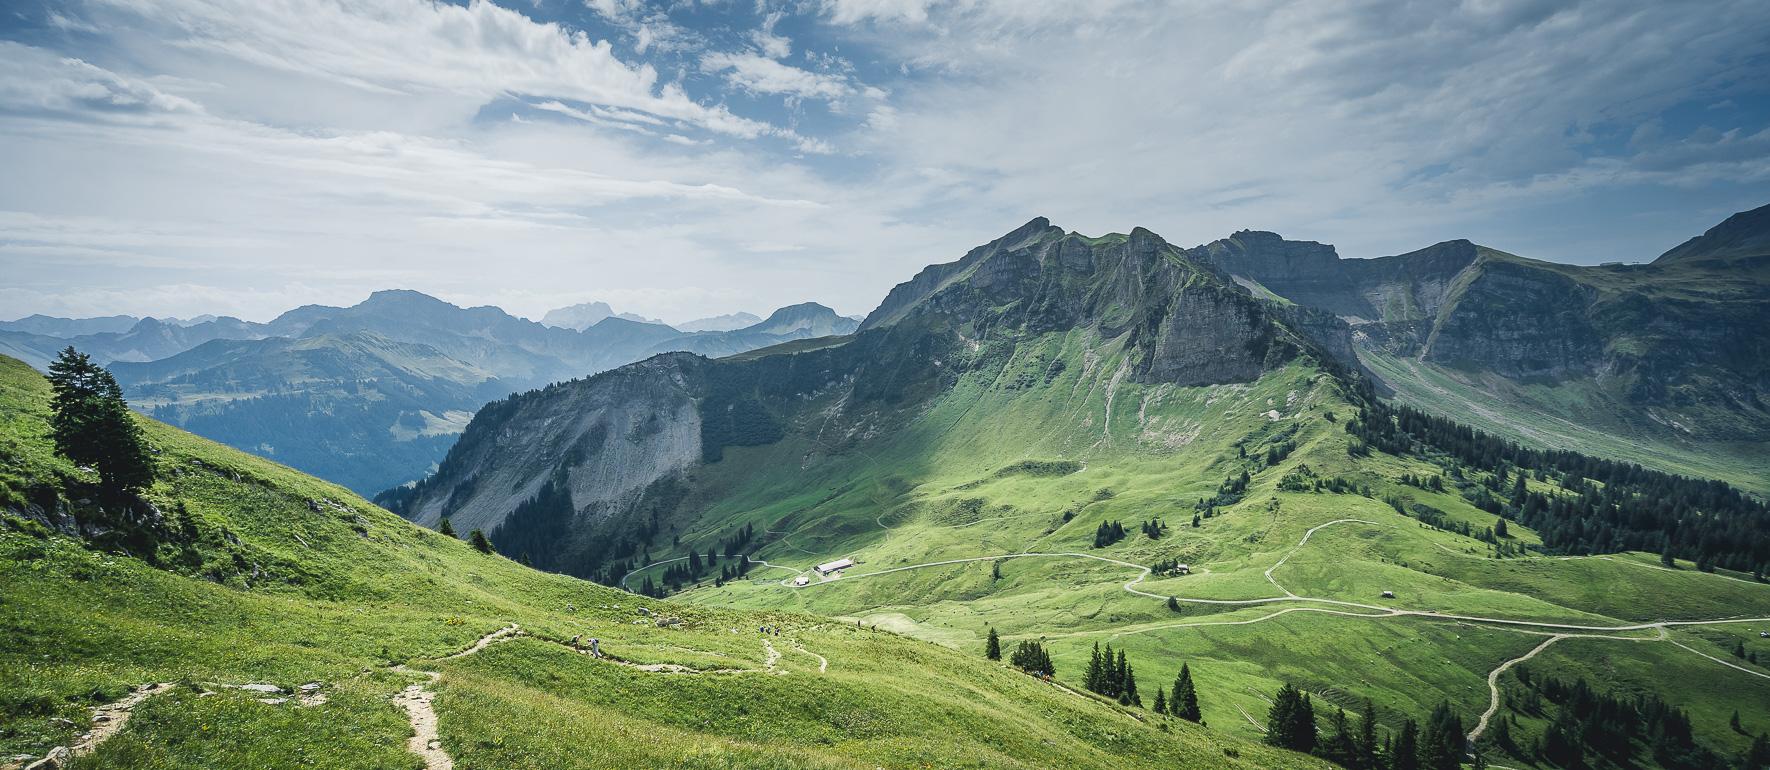 Östereich Bregenzerwald Kanisfluh